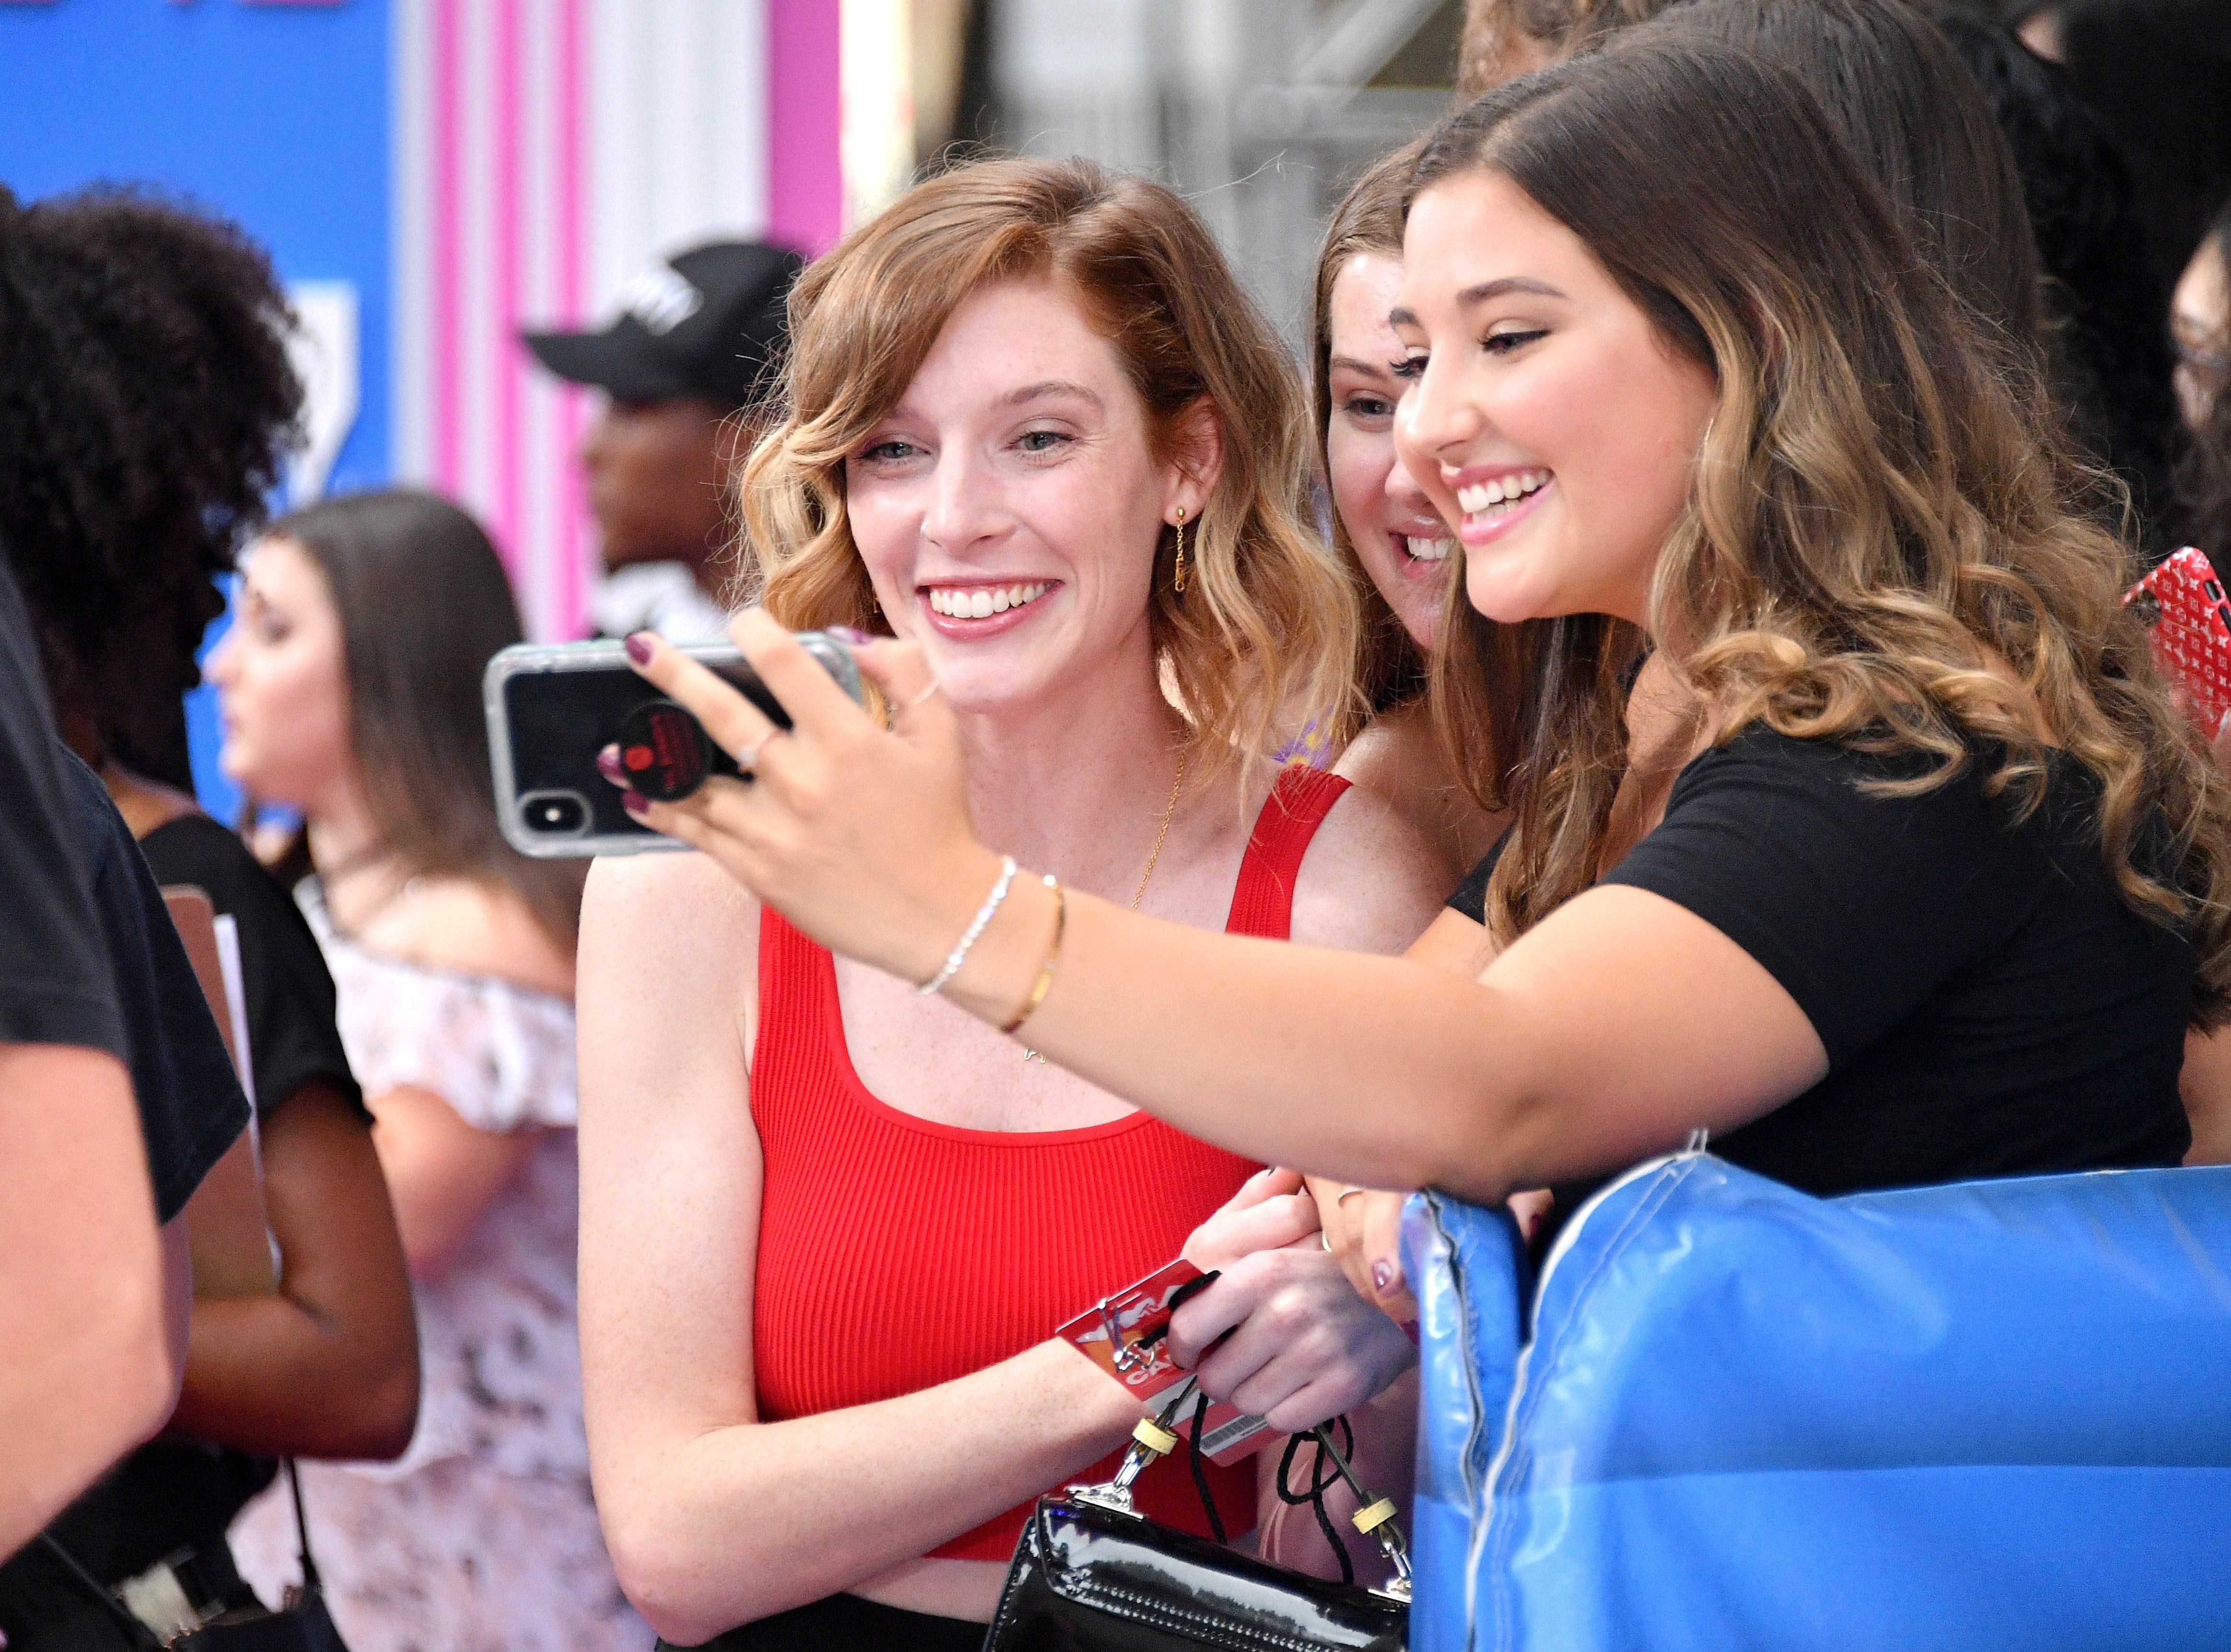 Erin Gilfoy (izq) posa con un admirador en los MTV Video Music Awards 2018 en el Radio City Music Hall el 20 de agosto de 2018 en la ciudad de Nueva York.